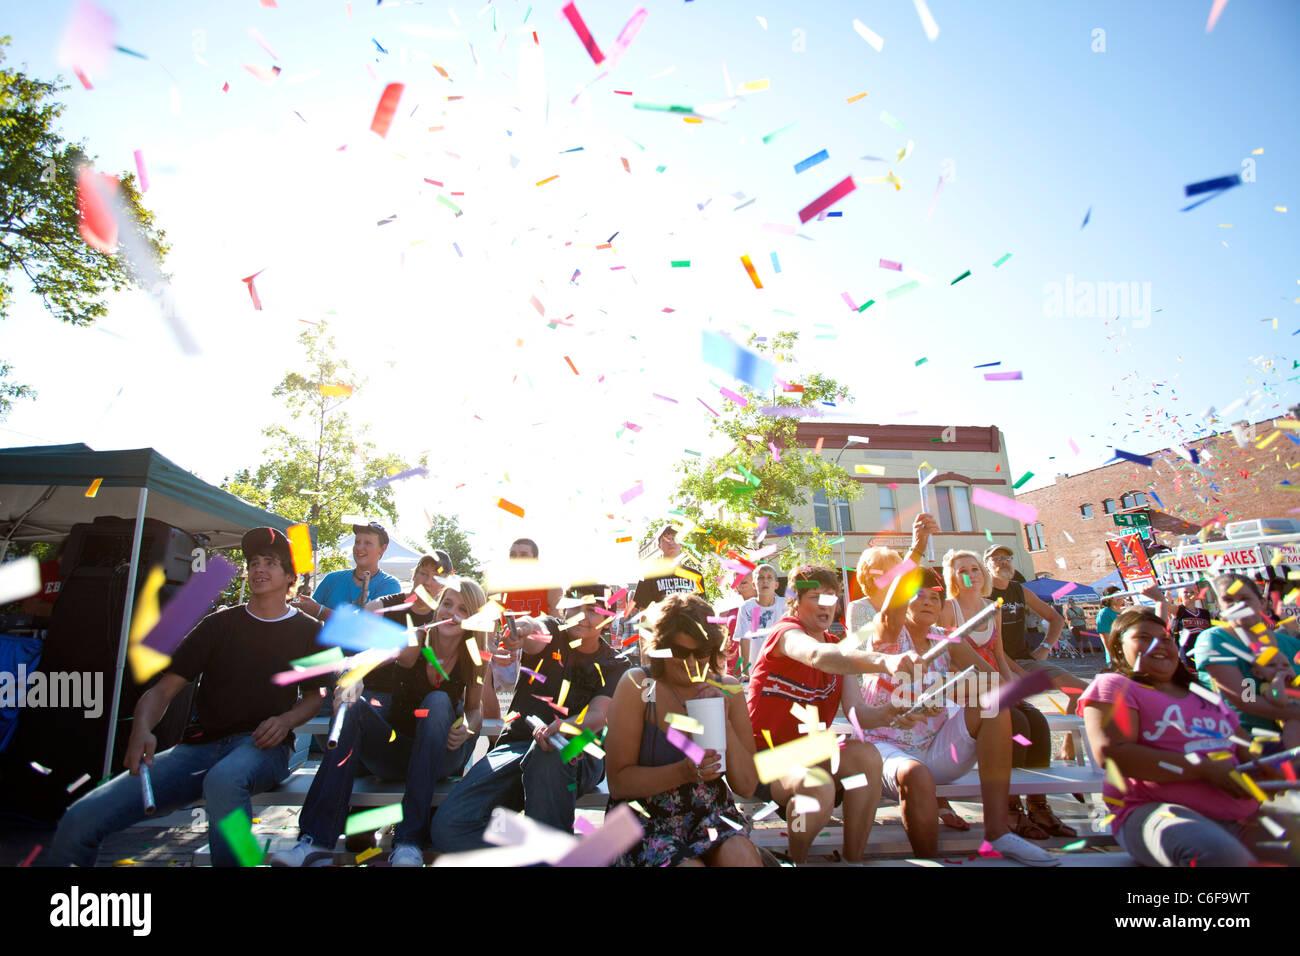 Un gruppo di persone lancio coriandoli in aria durante un festival di kick-off cerimonia in Rogers, Arkansas. Immagini Stock